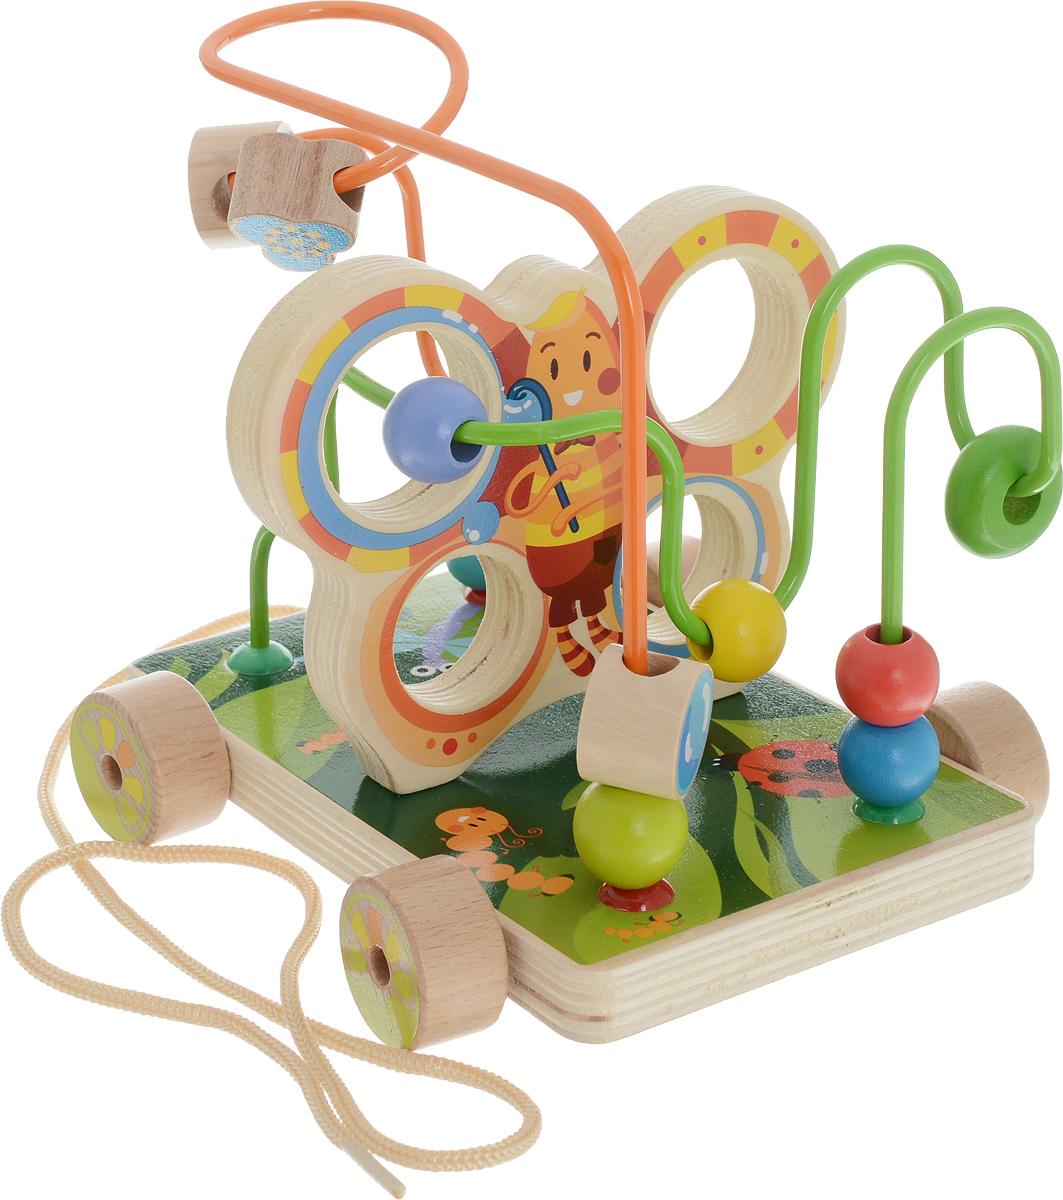 Мир деревянных игрушек Лабиринт-каталка Бабочка мир деревянных игрушек конструктор каталка полиция